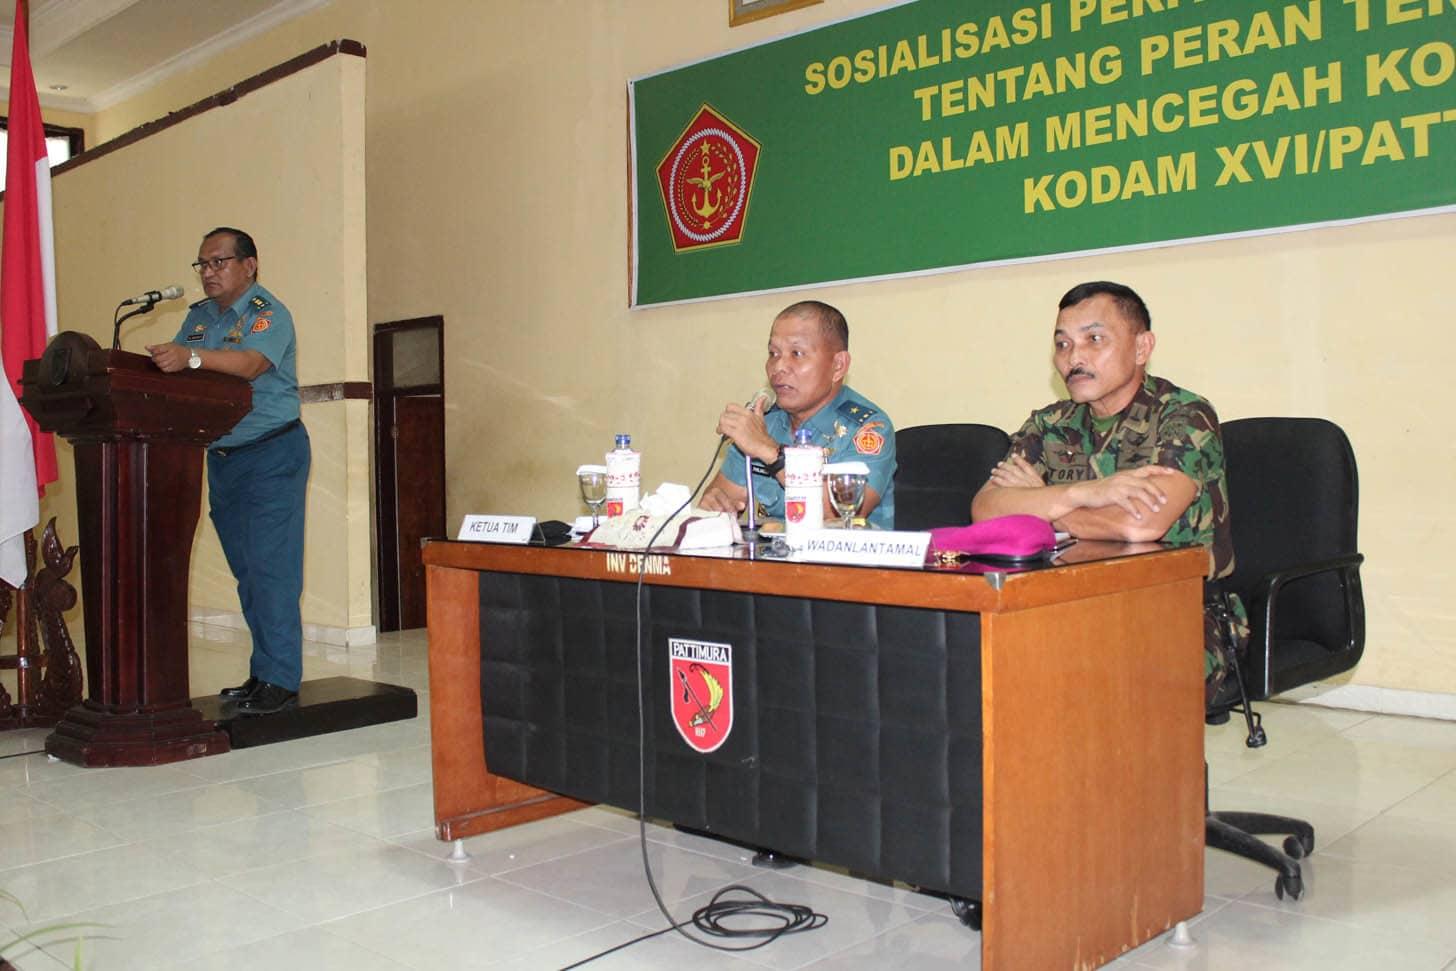 SOSIALISASI PERPANG TNI NOMOR 1 TAHUN 2014 TENTANG PERAN TERITORIAL TNI DALAM MENCEGAH KONFLIK SOSIAL